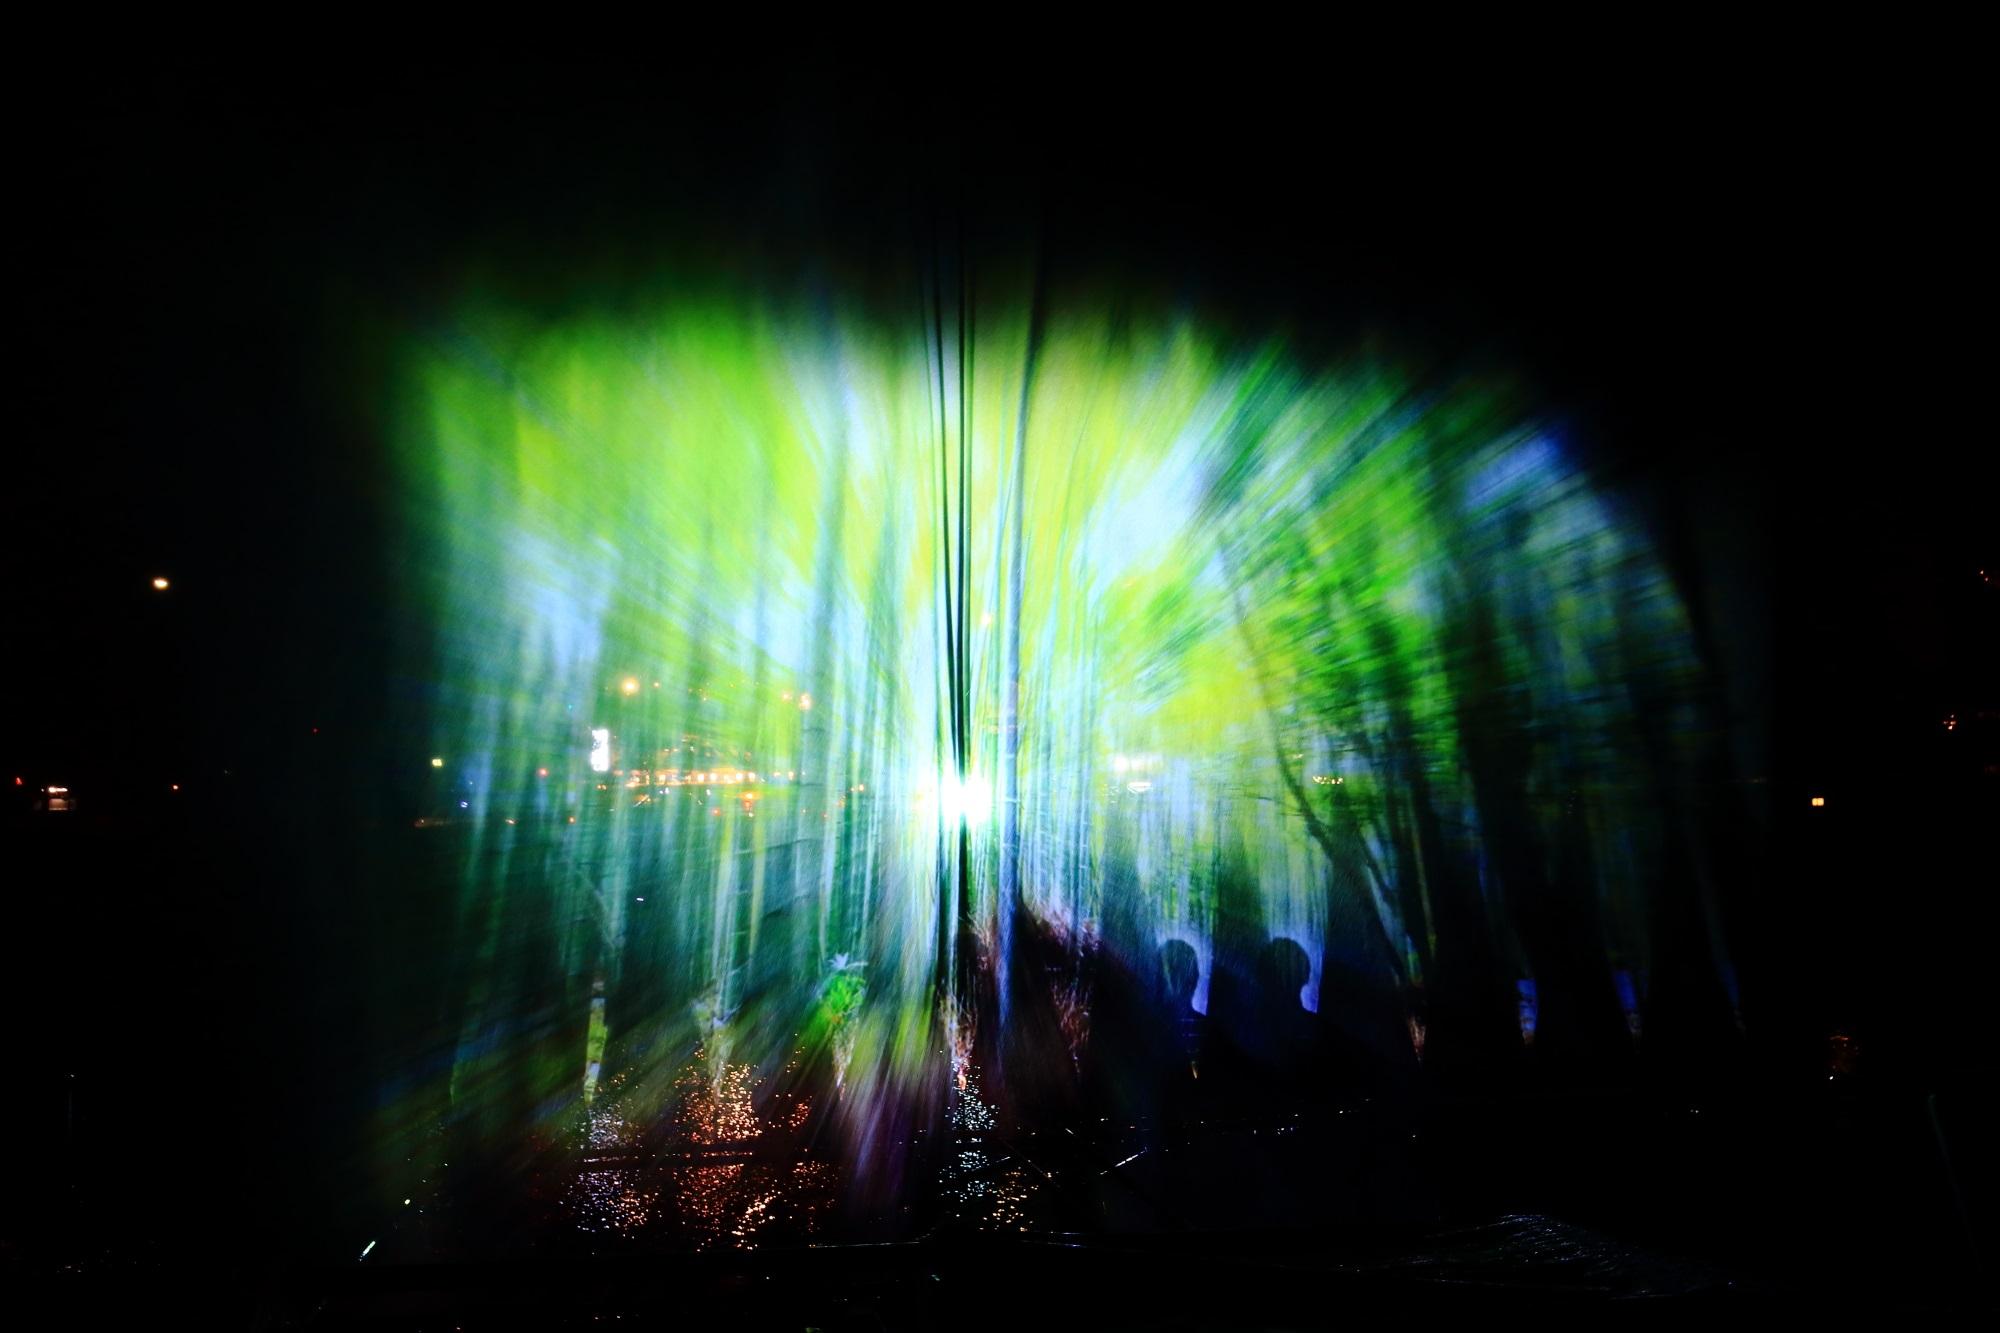 京の七夕鴨川会場の綺麗なウォーターアートプロジェクション